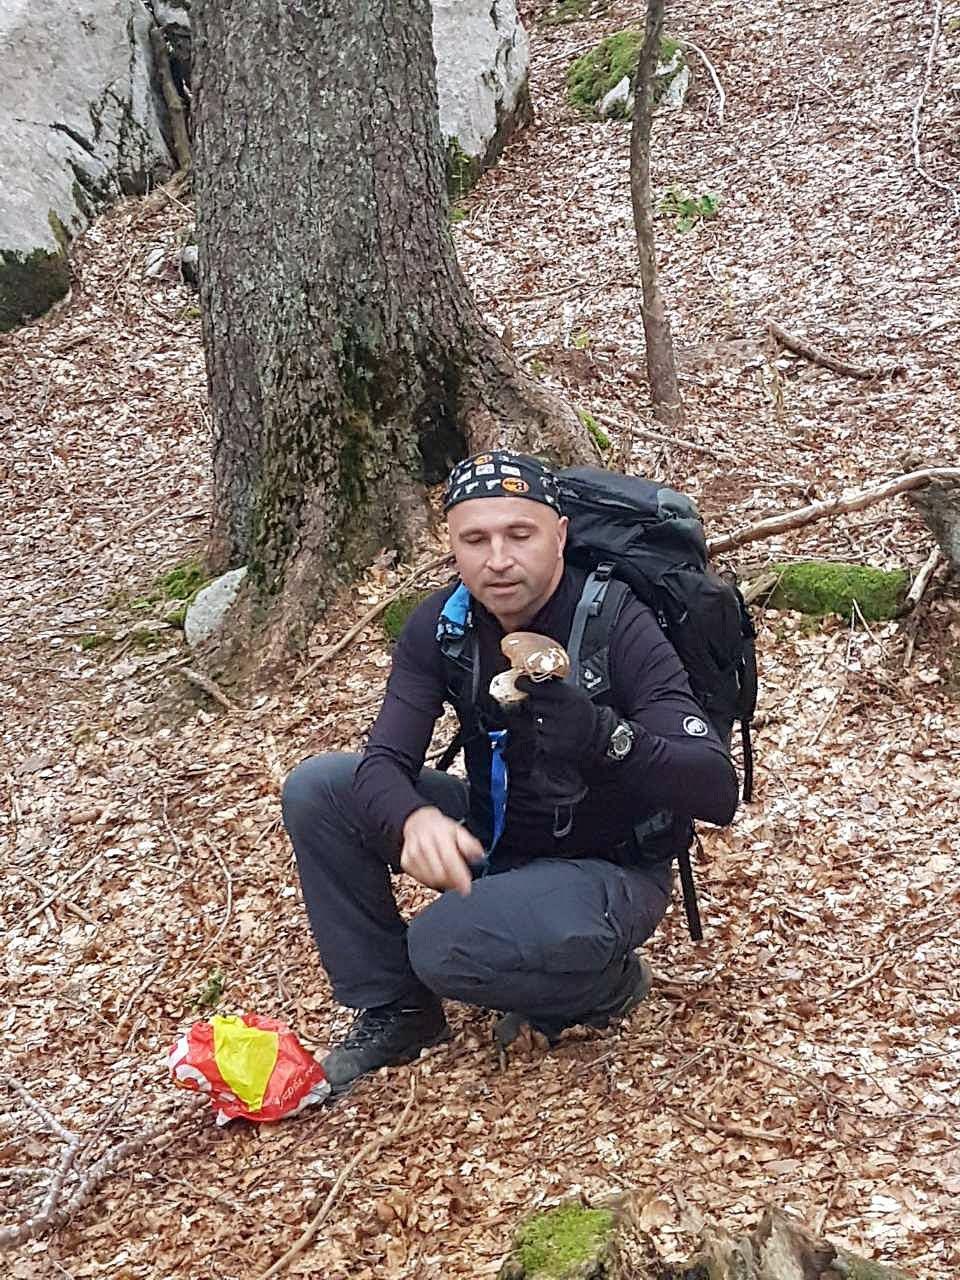 Hajdučki kukovi i Veliki Rajinac - Jesenski Velebit 29.-30.09.2018. - 10.jpg